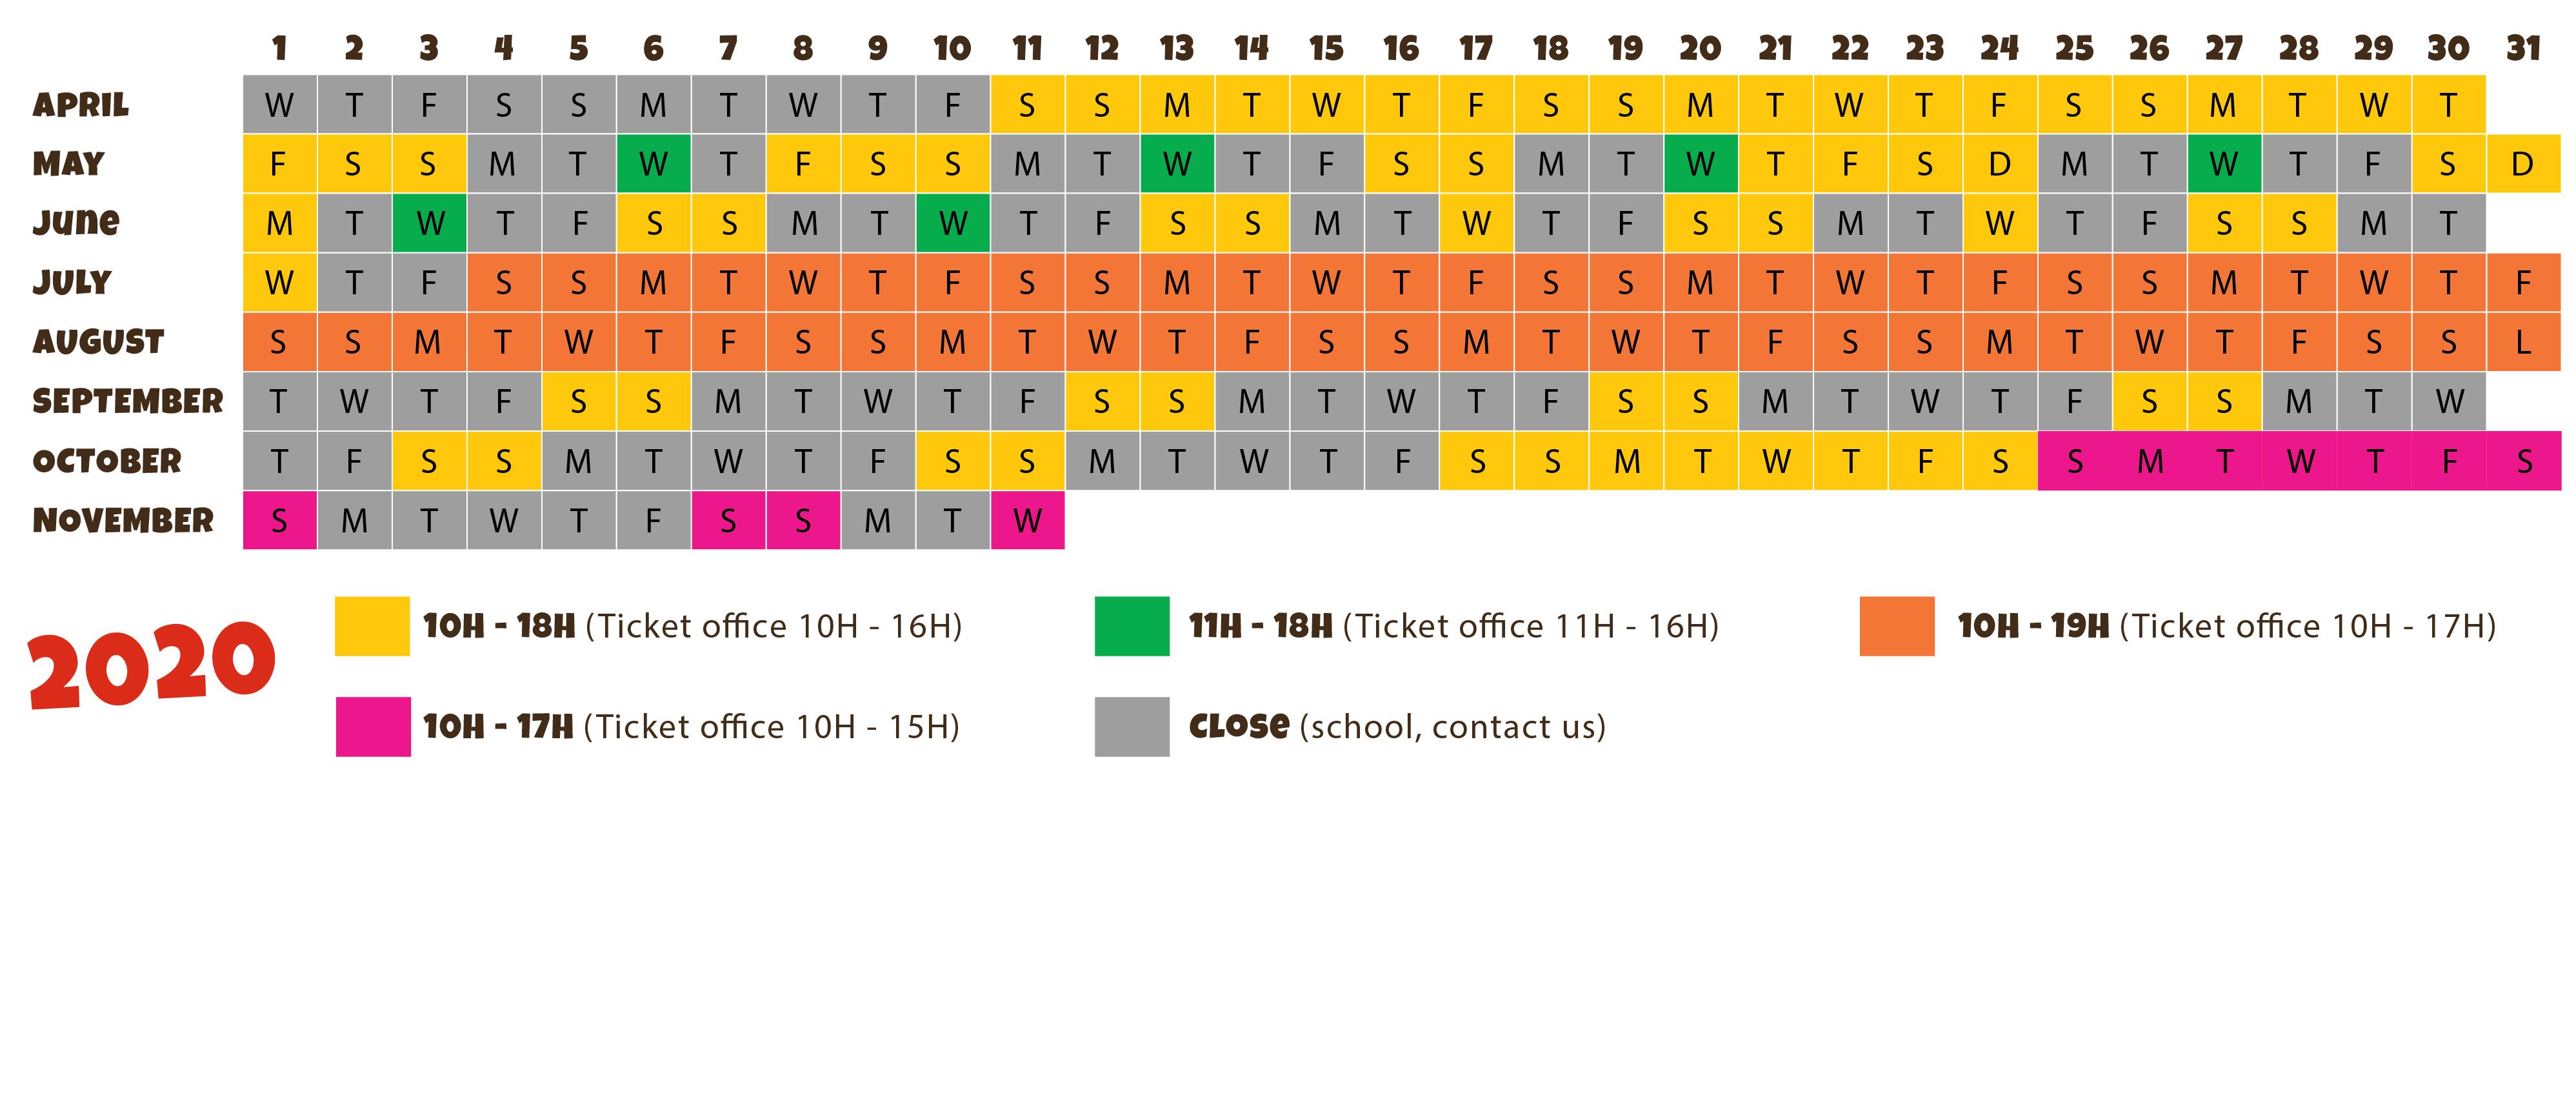 Calendar 2020 of the leisure park Le Village des Fous